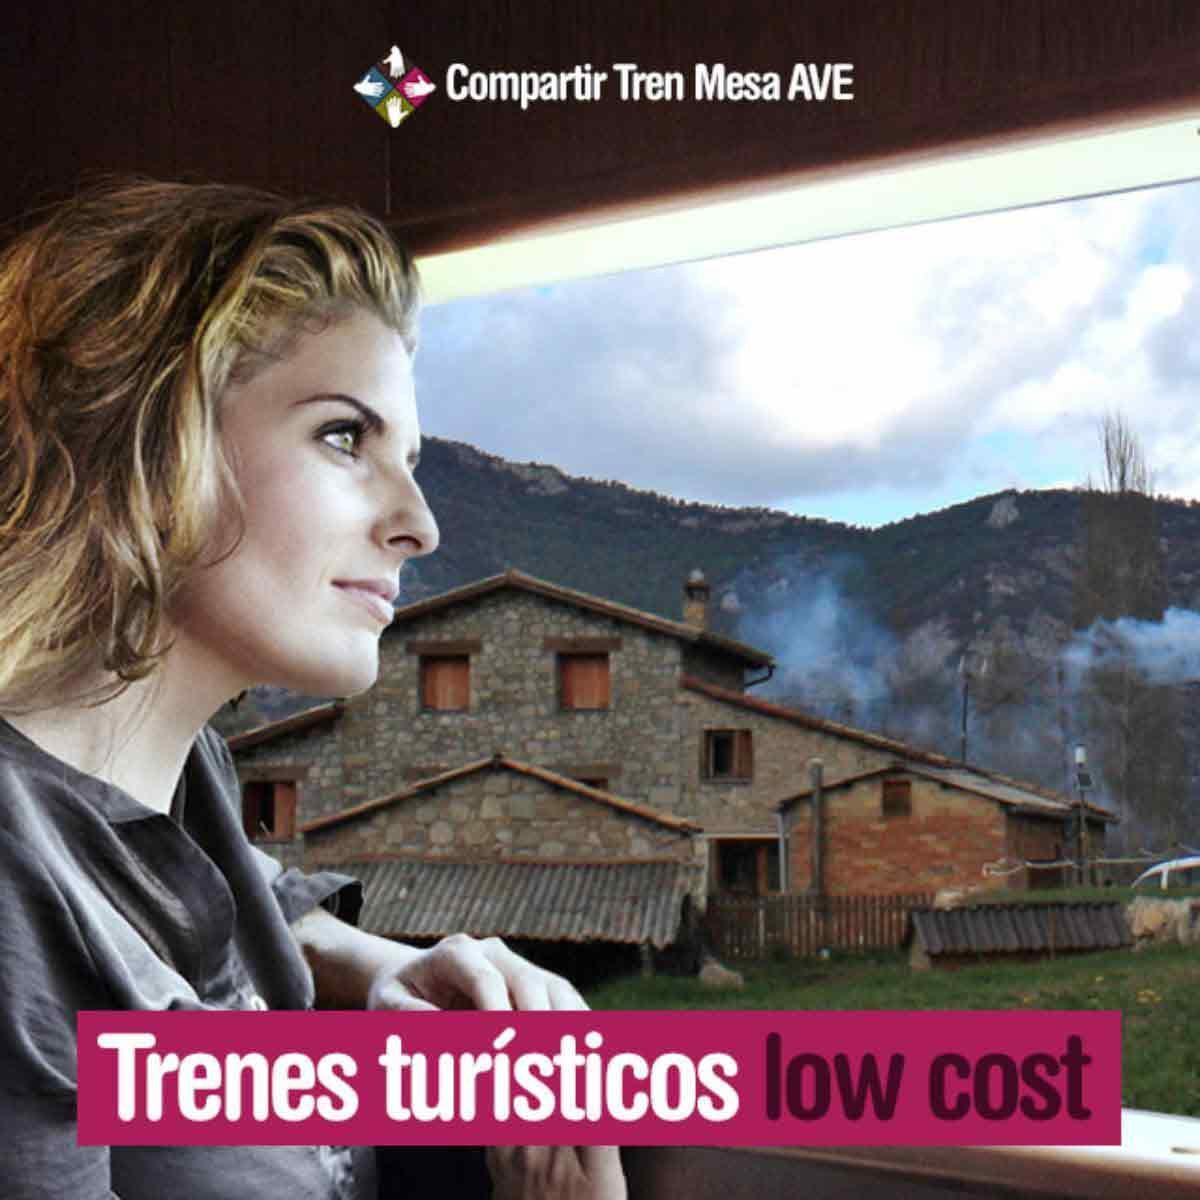 Trenes turísticos low cost